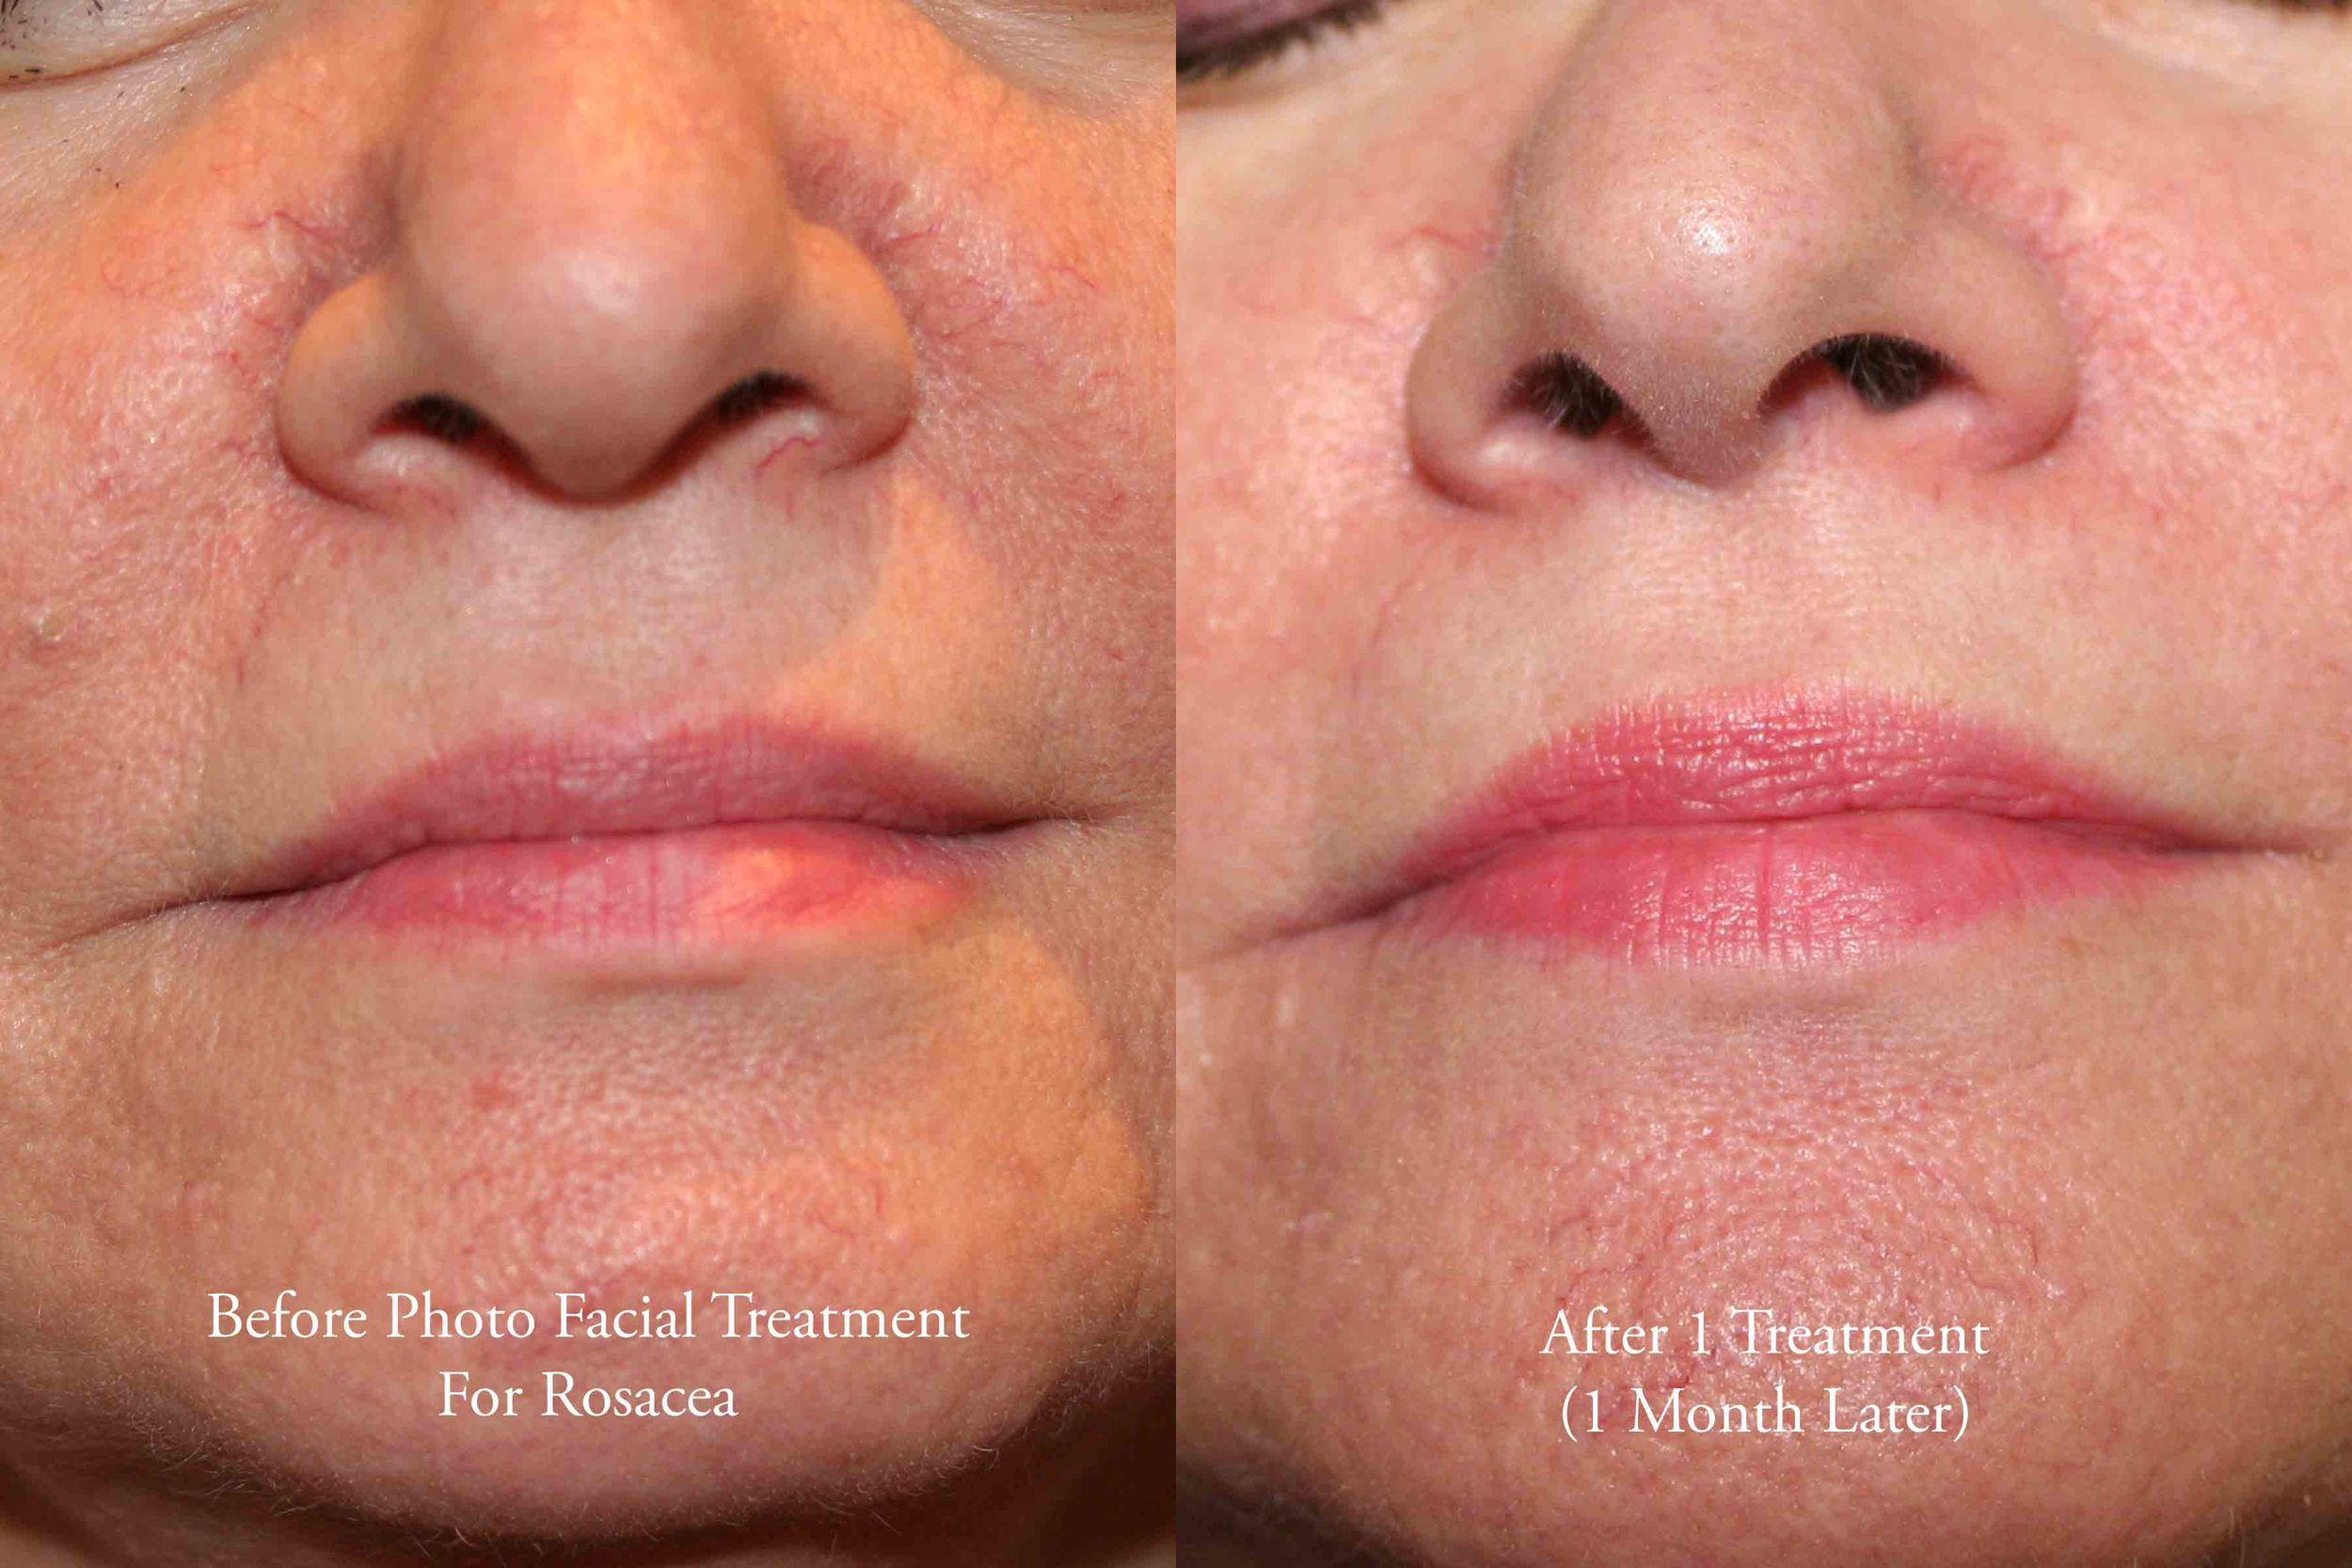 photo facial for rosacea 1 - web.jpg